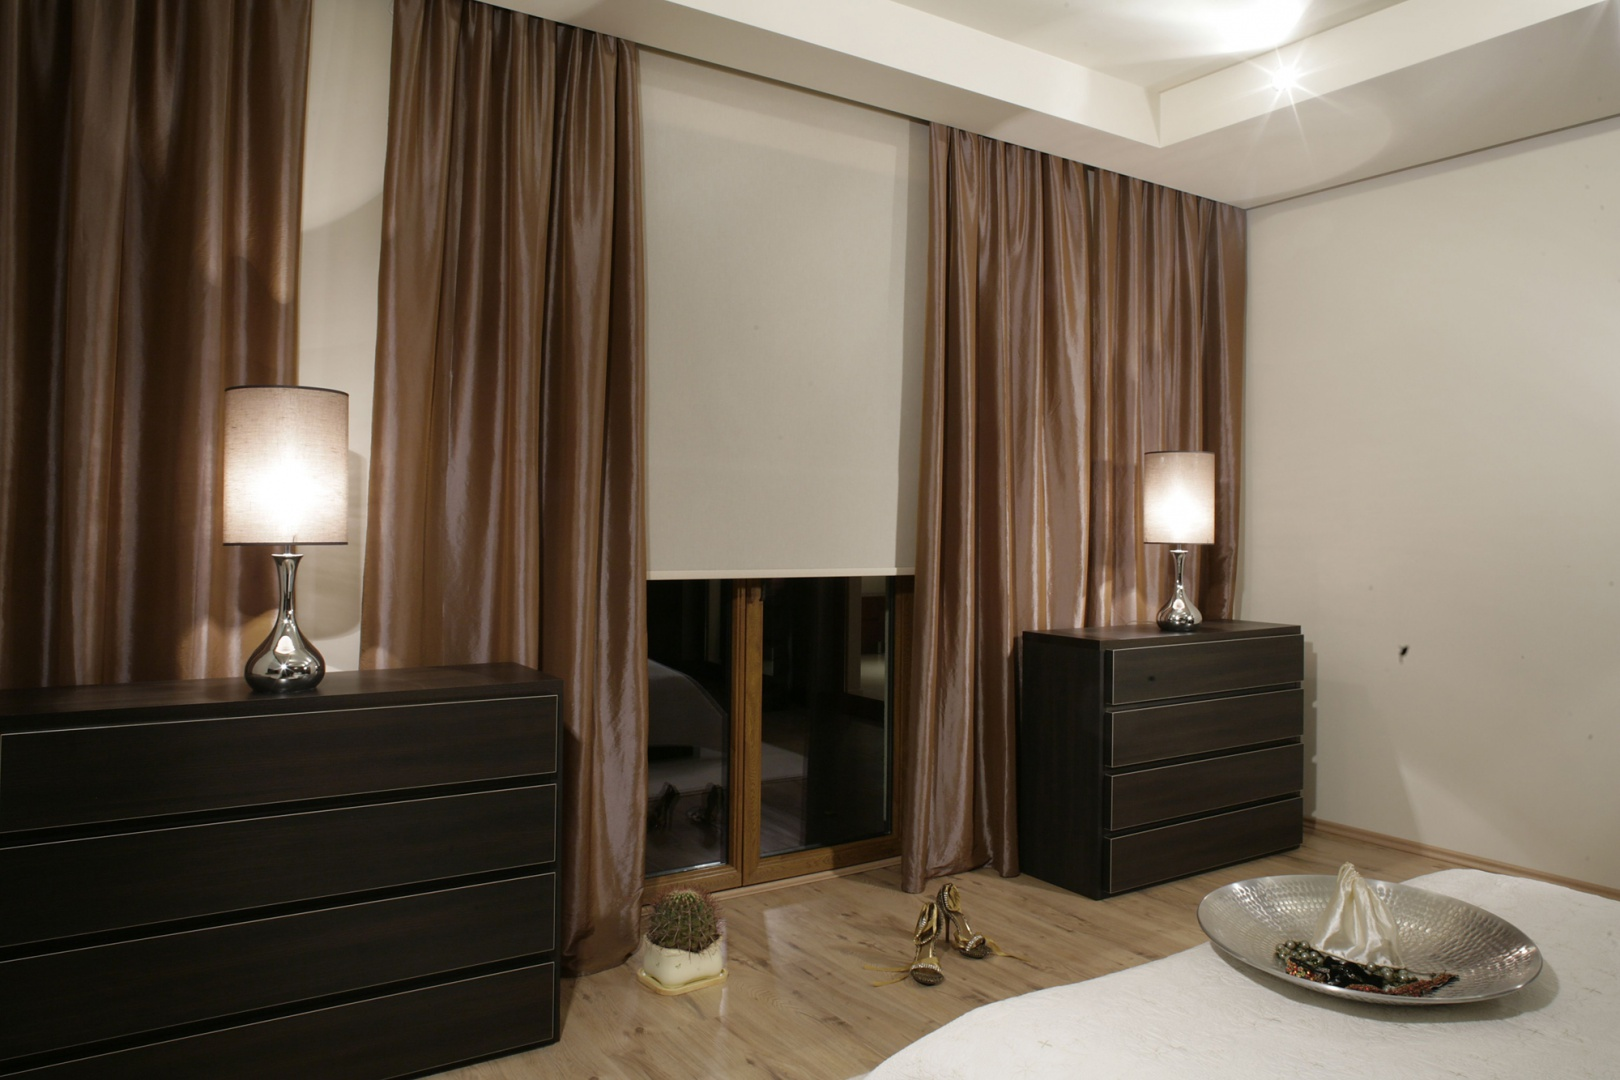 Lśniące zasłony (Świat Firan), połyskujące podstawy lamp i srebrna patera dodają szlachetnego blasku sypialni. Fot. Monika Filipiuk